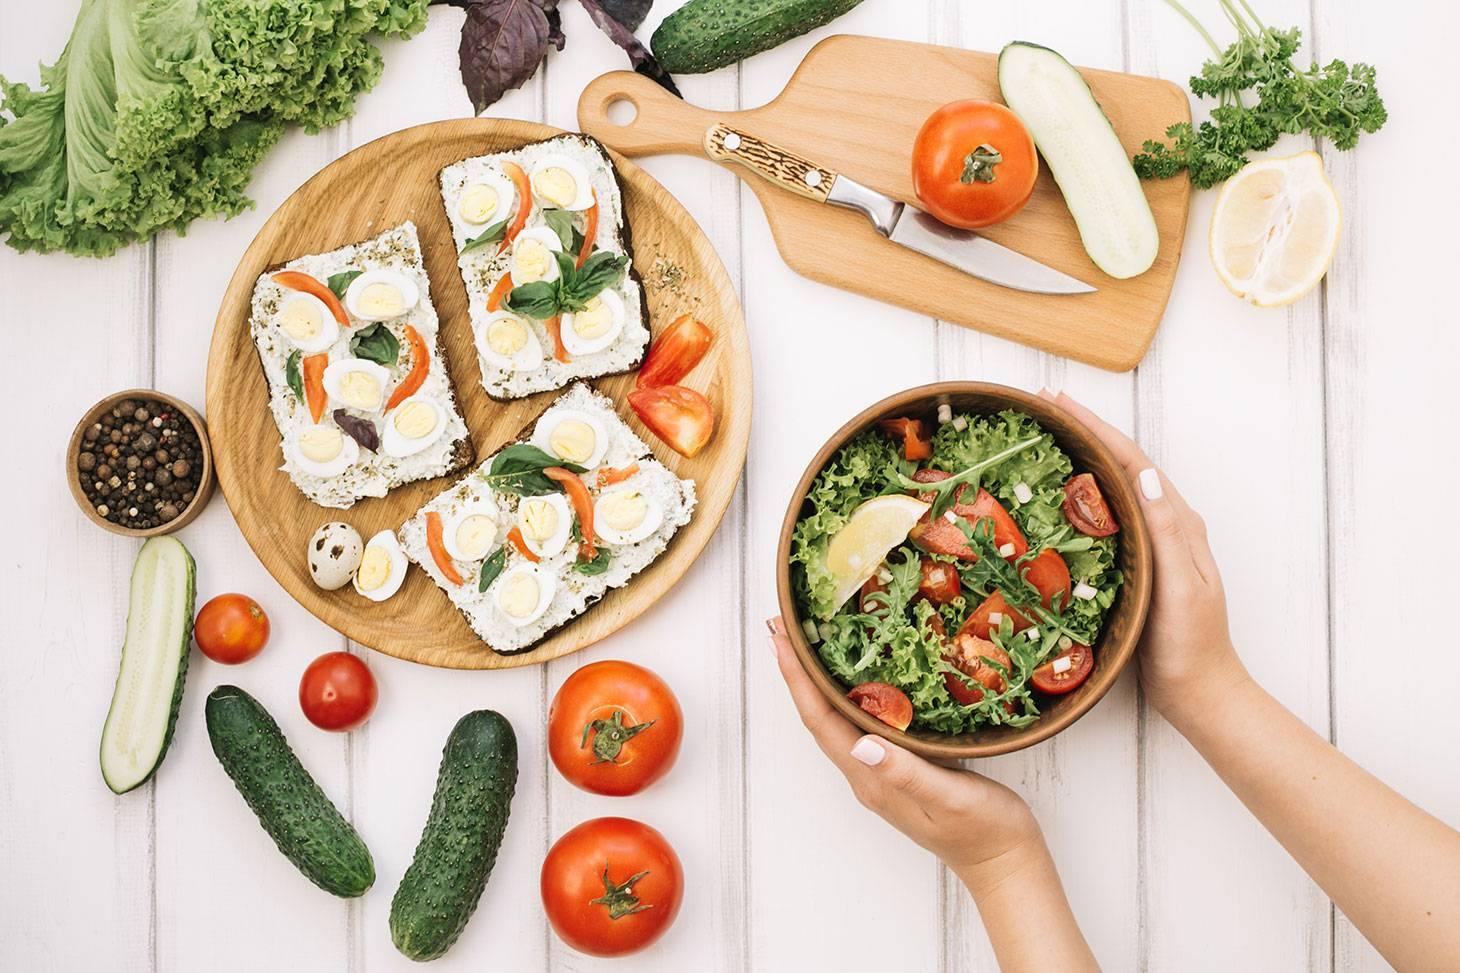 Питание Для Здорового Похудения. Питание для похудения. Что, как и когда есть, чтобы похудеть?